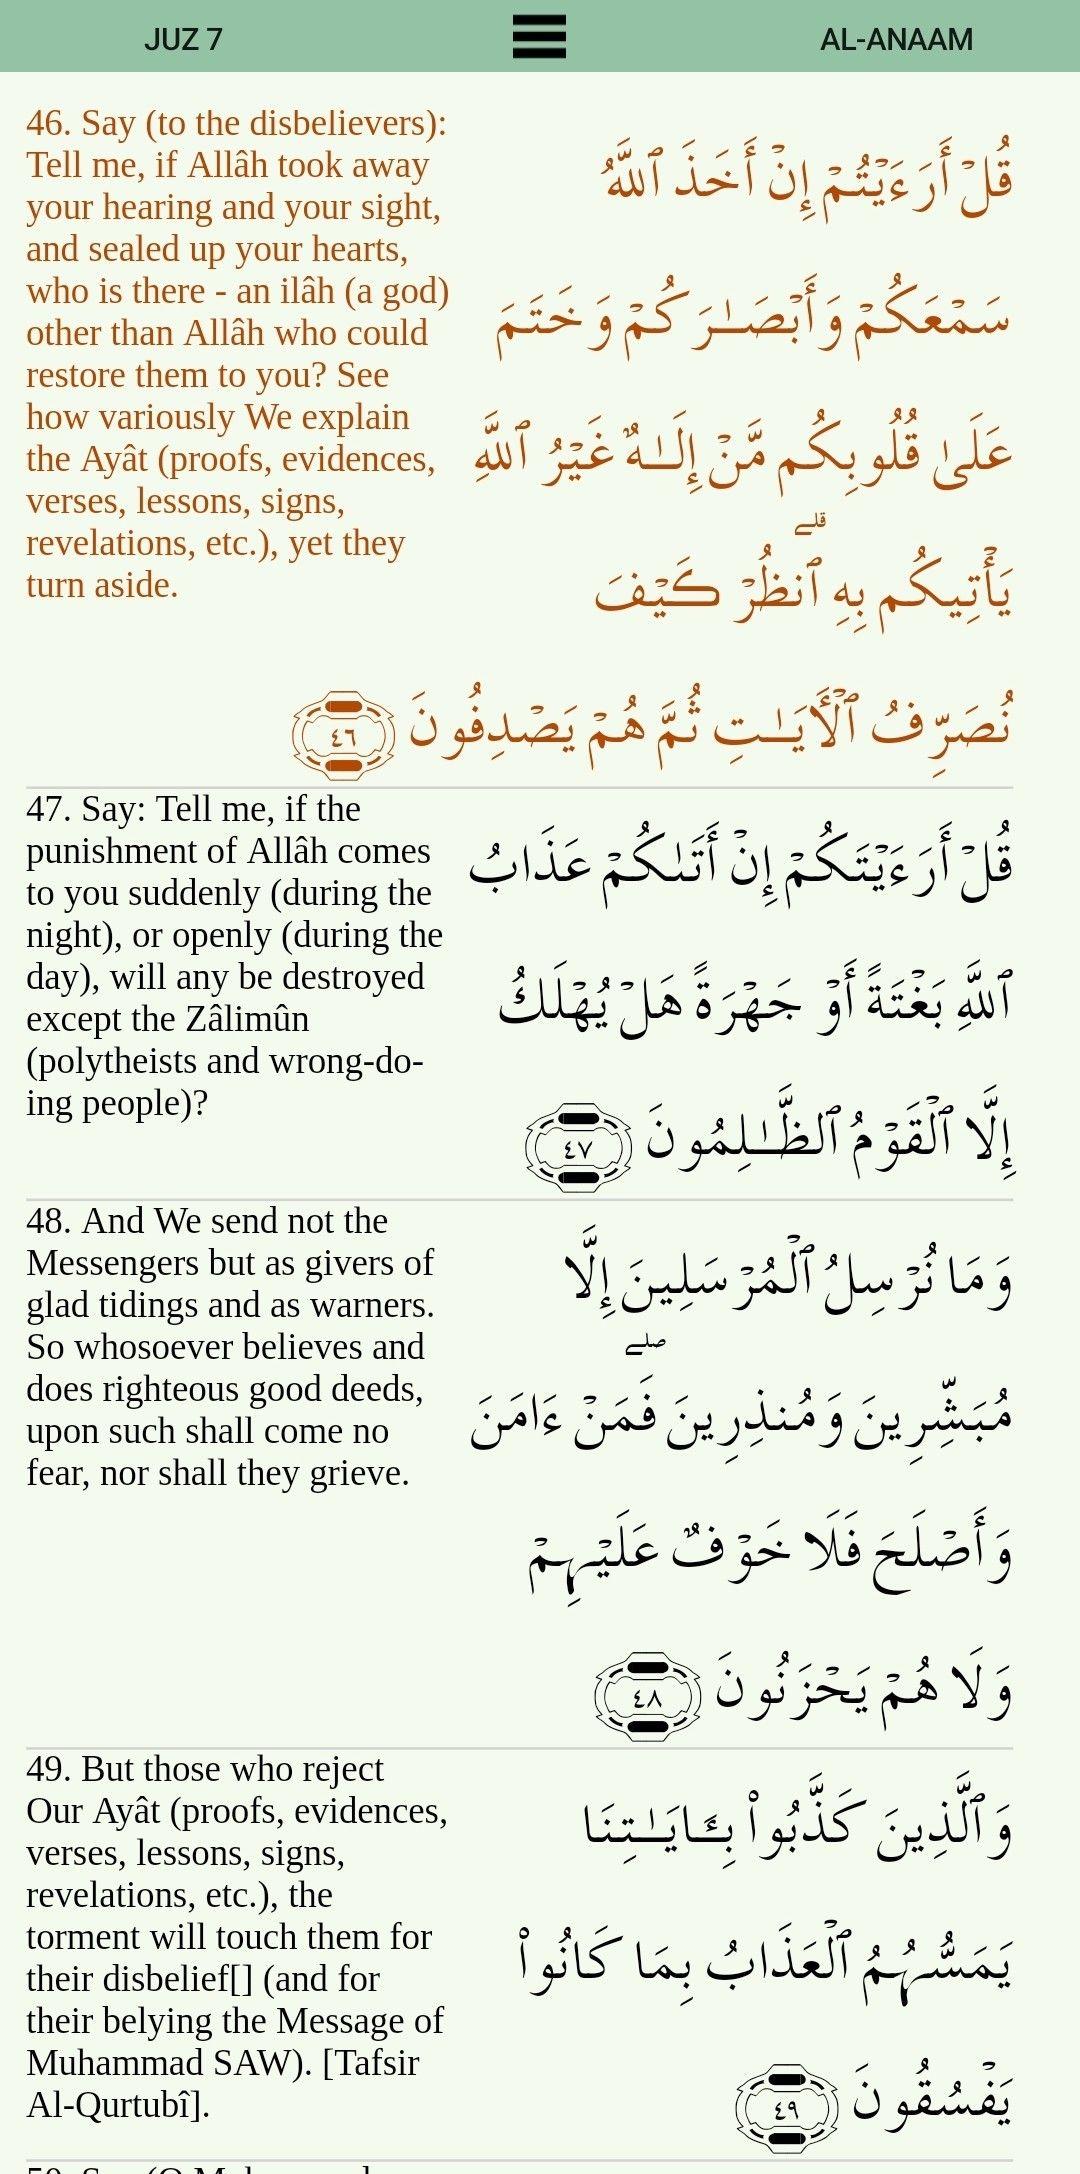 Pin By The Noble Quran On Allah God Islam Heaven Quran Miracles Prophets Islamic Posts Hadith Prayer Macca Makhah Salah Reminder Jannah Hijab Islamic Quotes Quran Verses Sayings